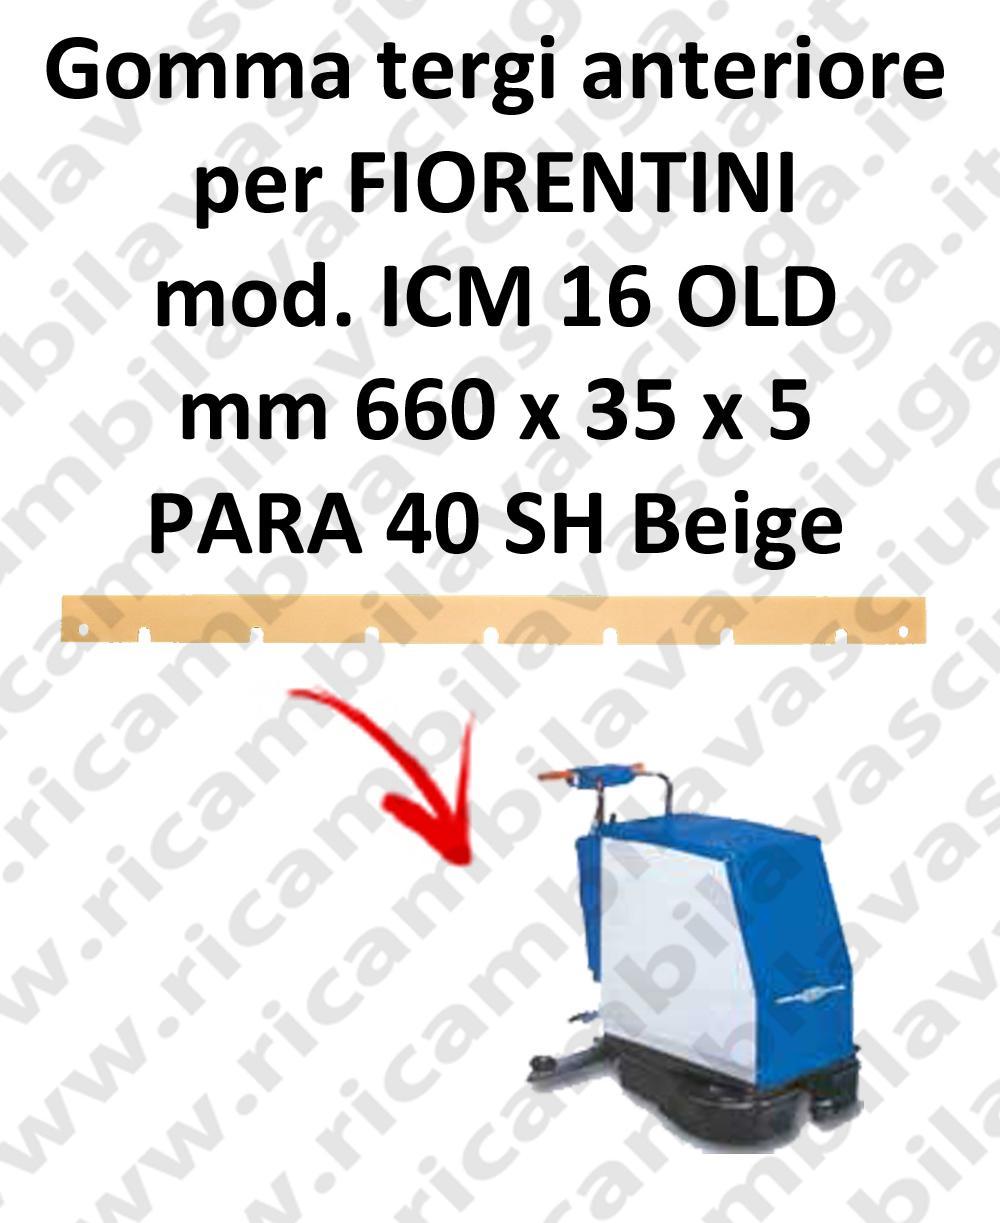 ICM 16 OLD GOMMA TERGI anteriore per tergipavimento FIORENTINI